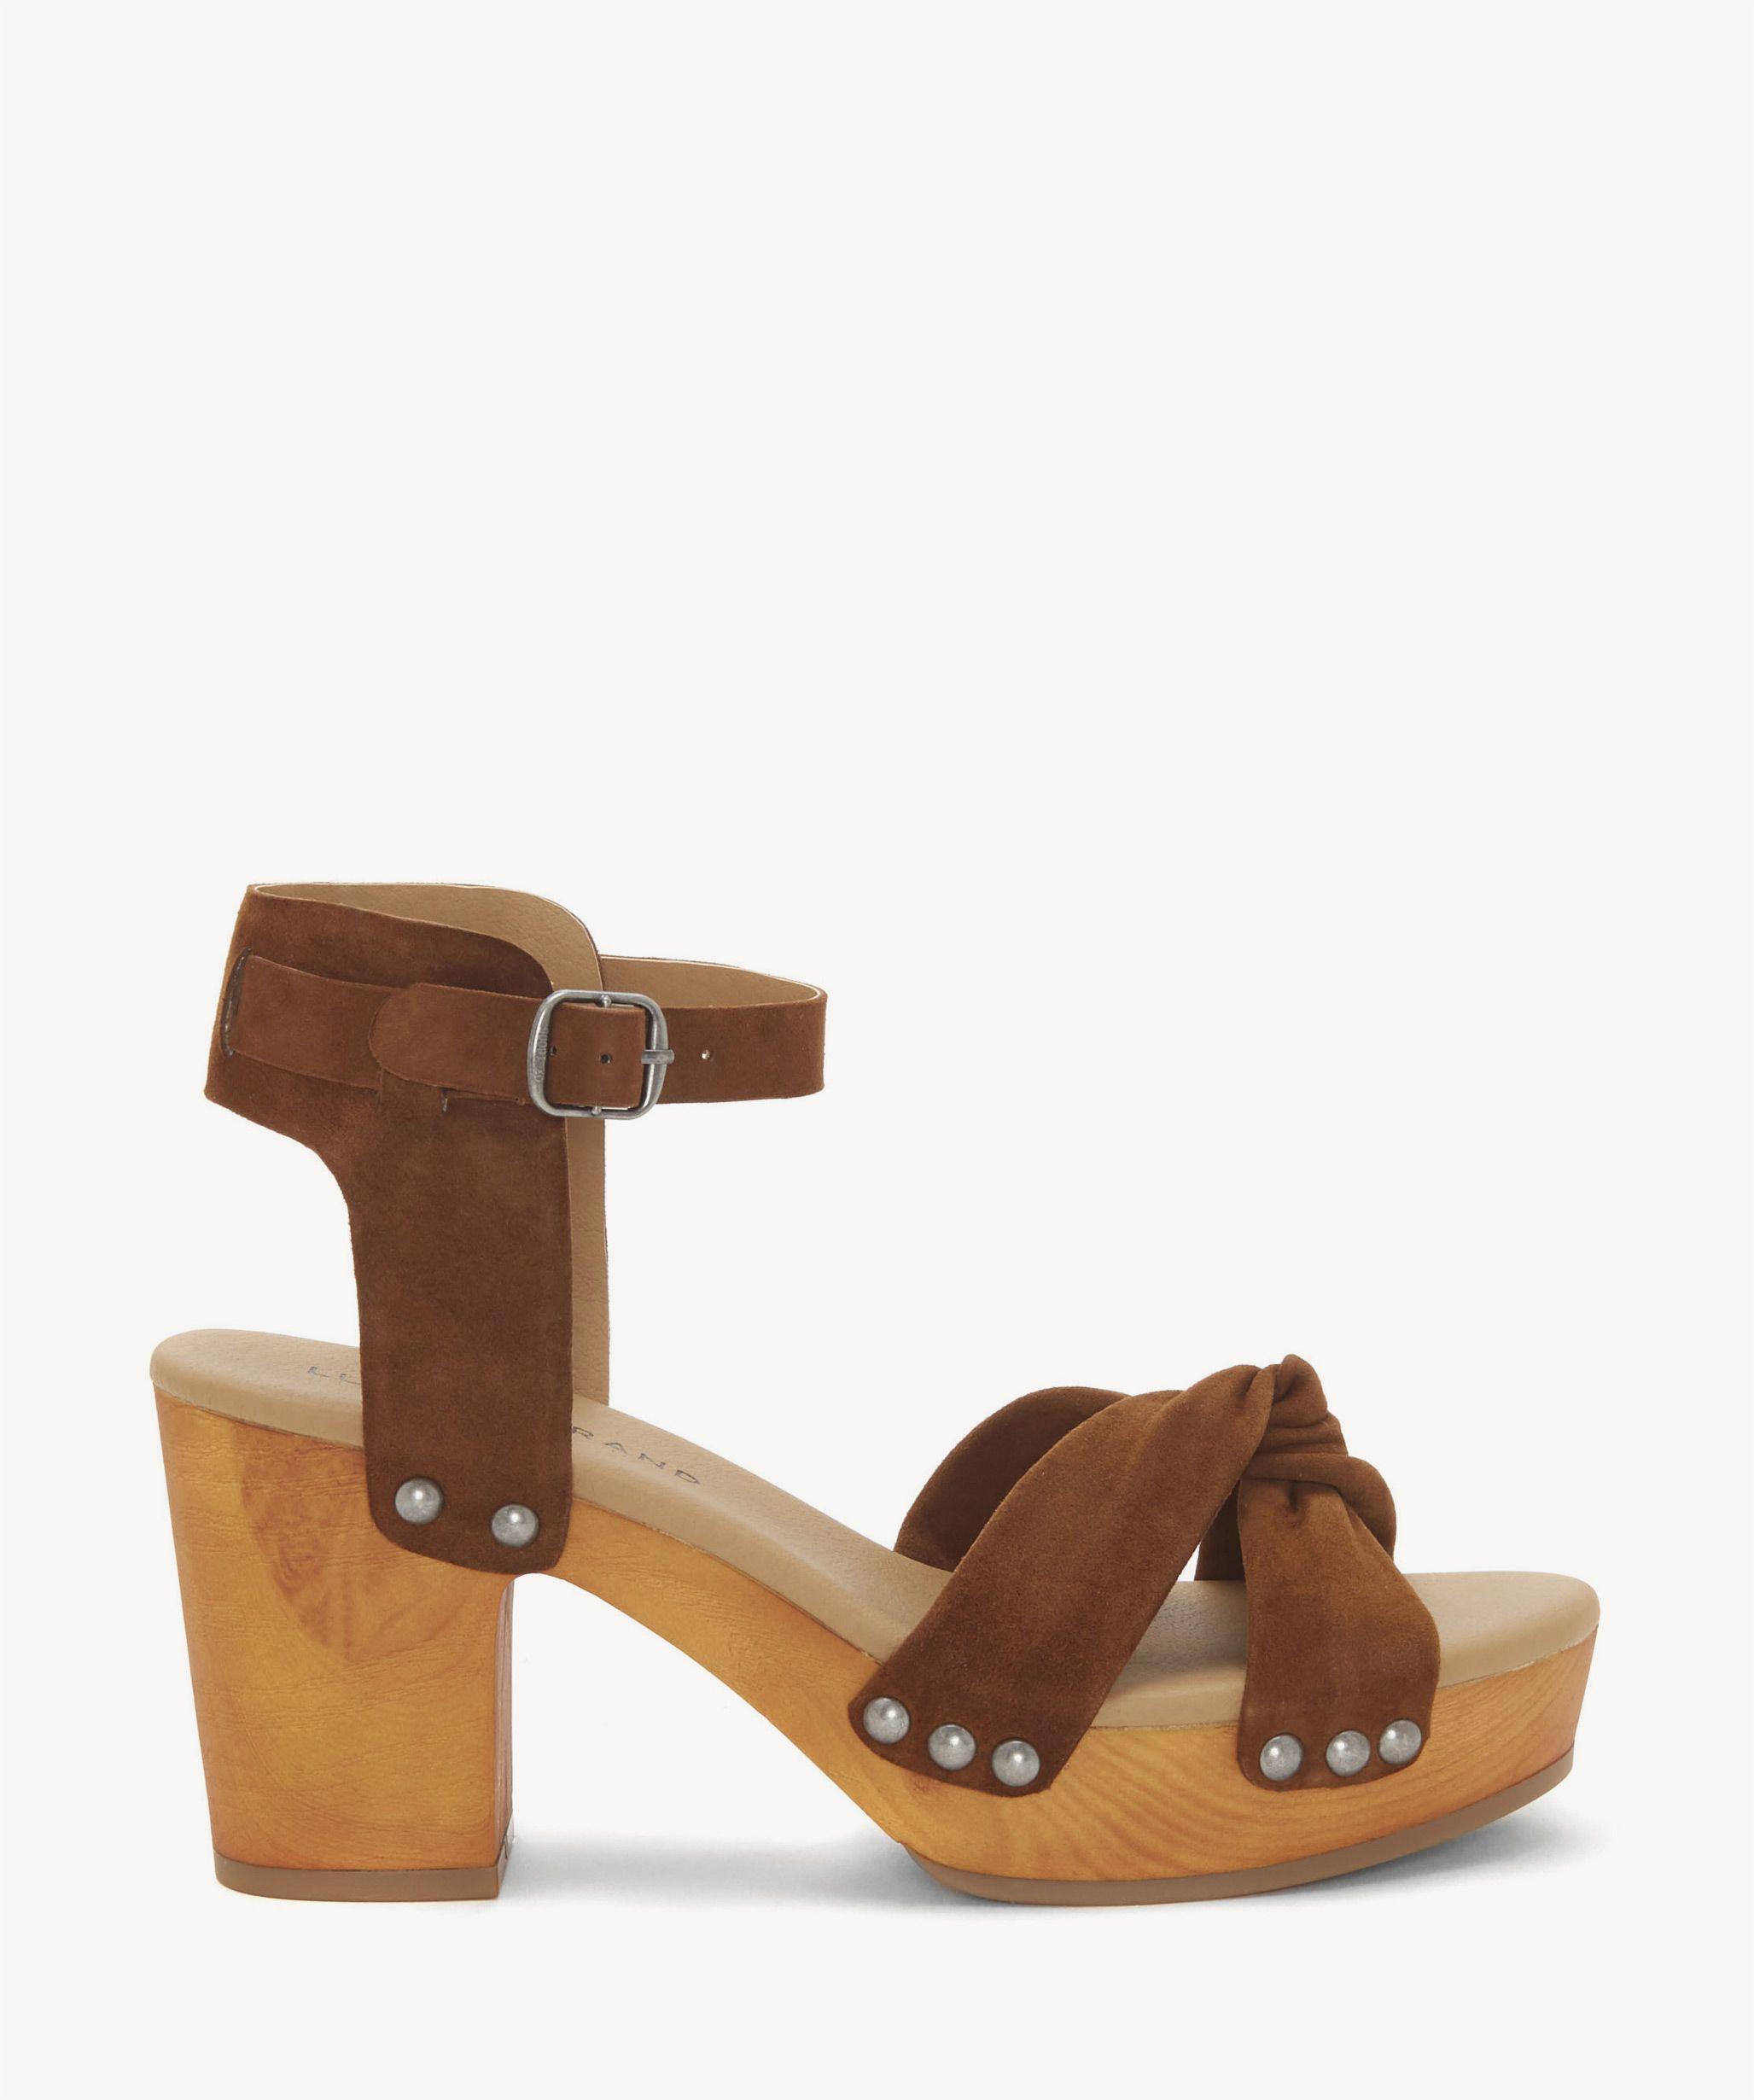 6284c0a7243 Lucky Brand Whitneigh Platform Sandals Cedar